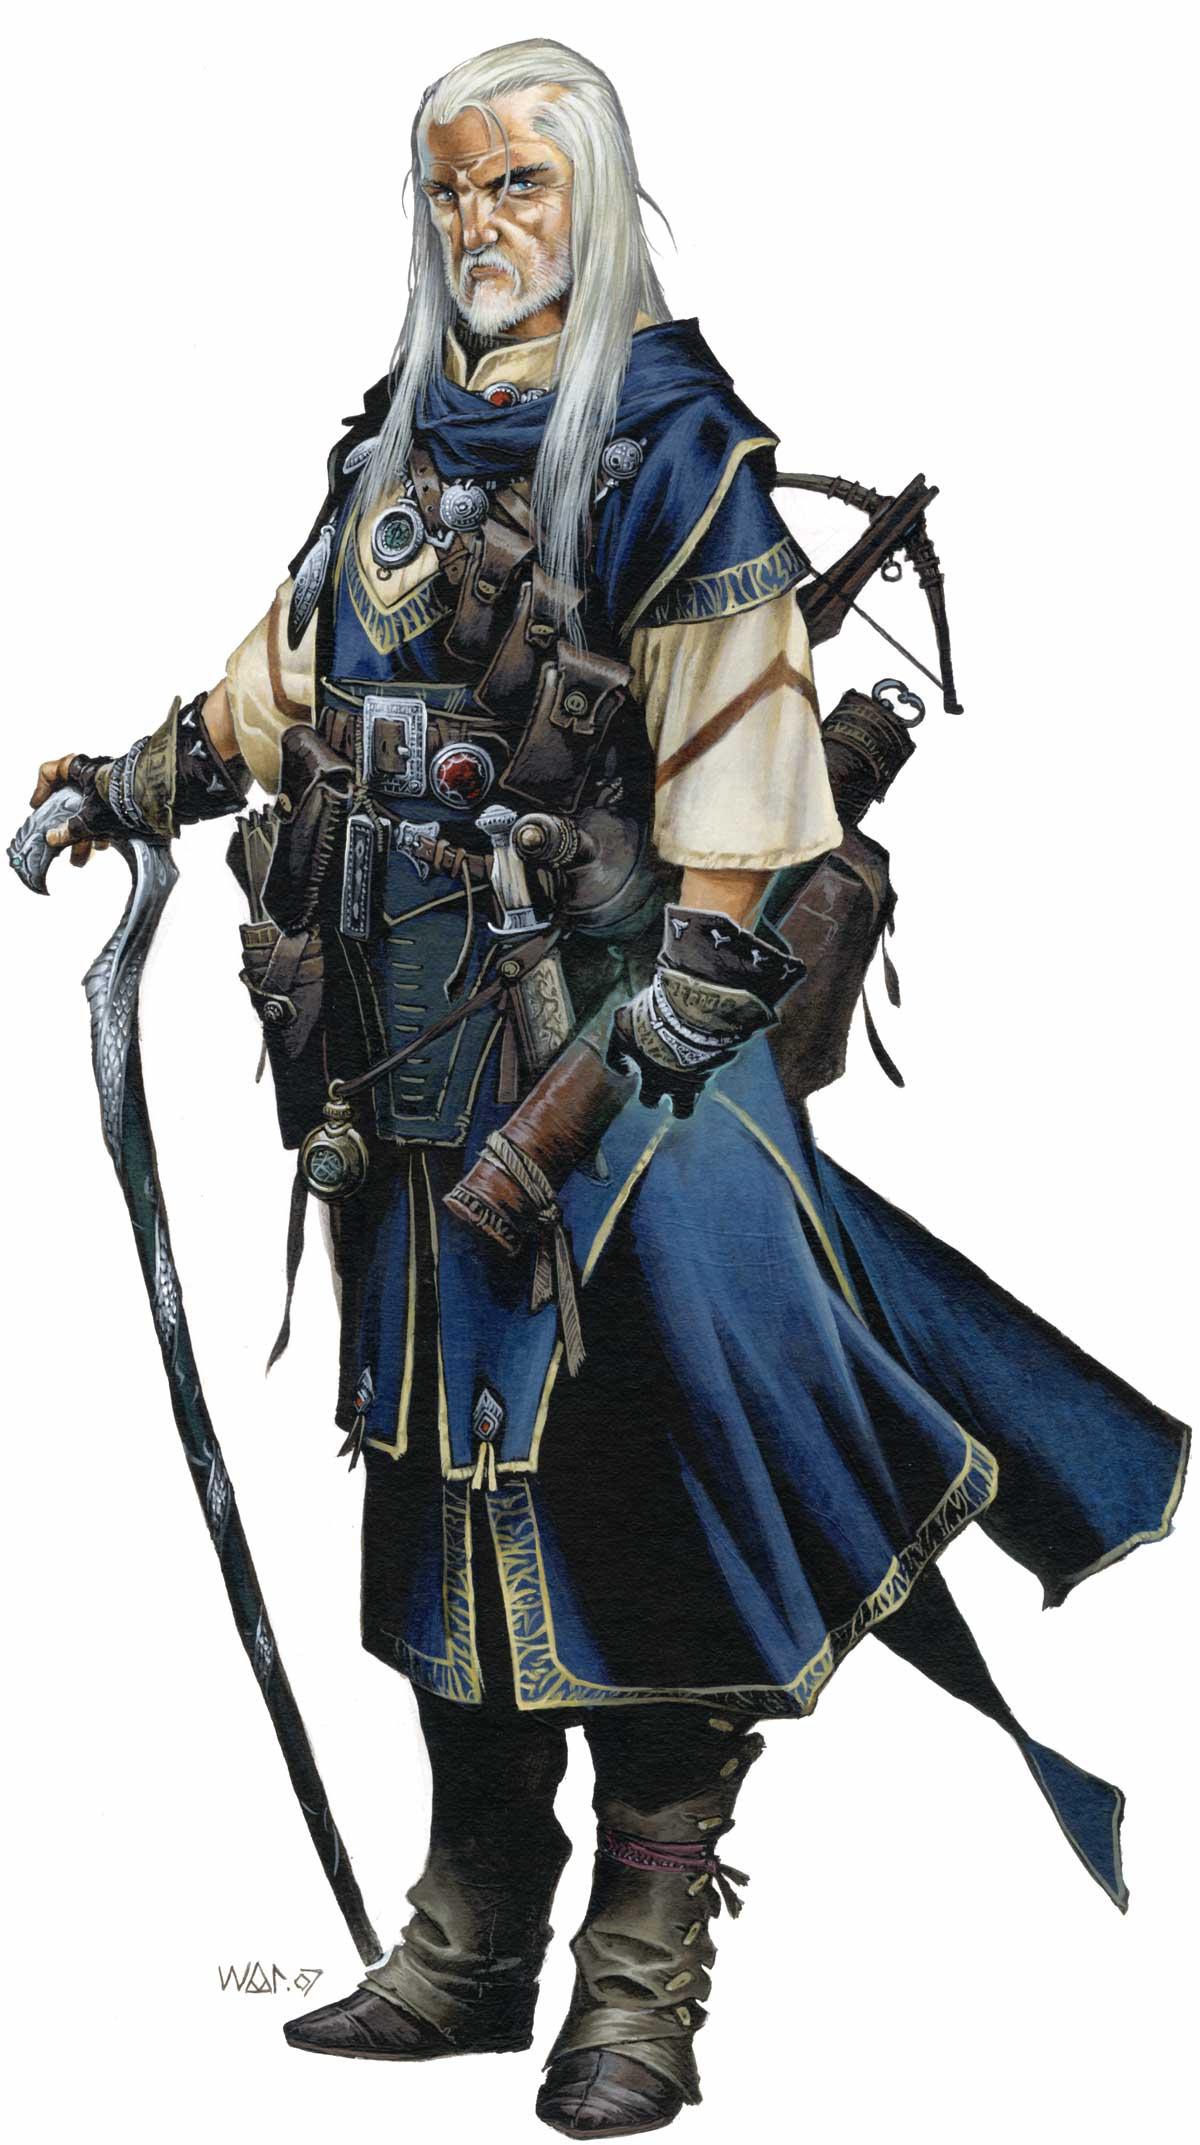 Galerie d'avatars Pathfinder5-Wizard